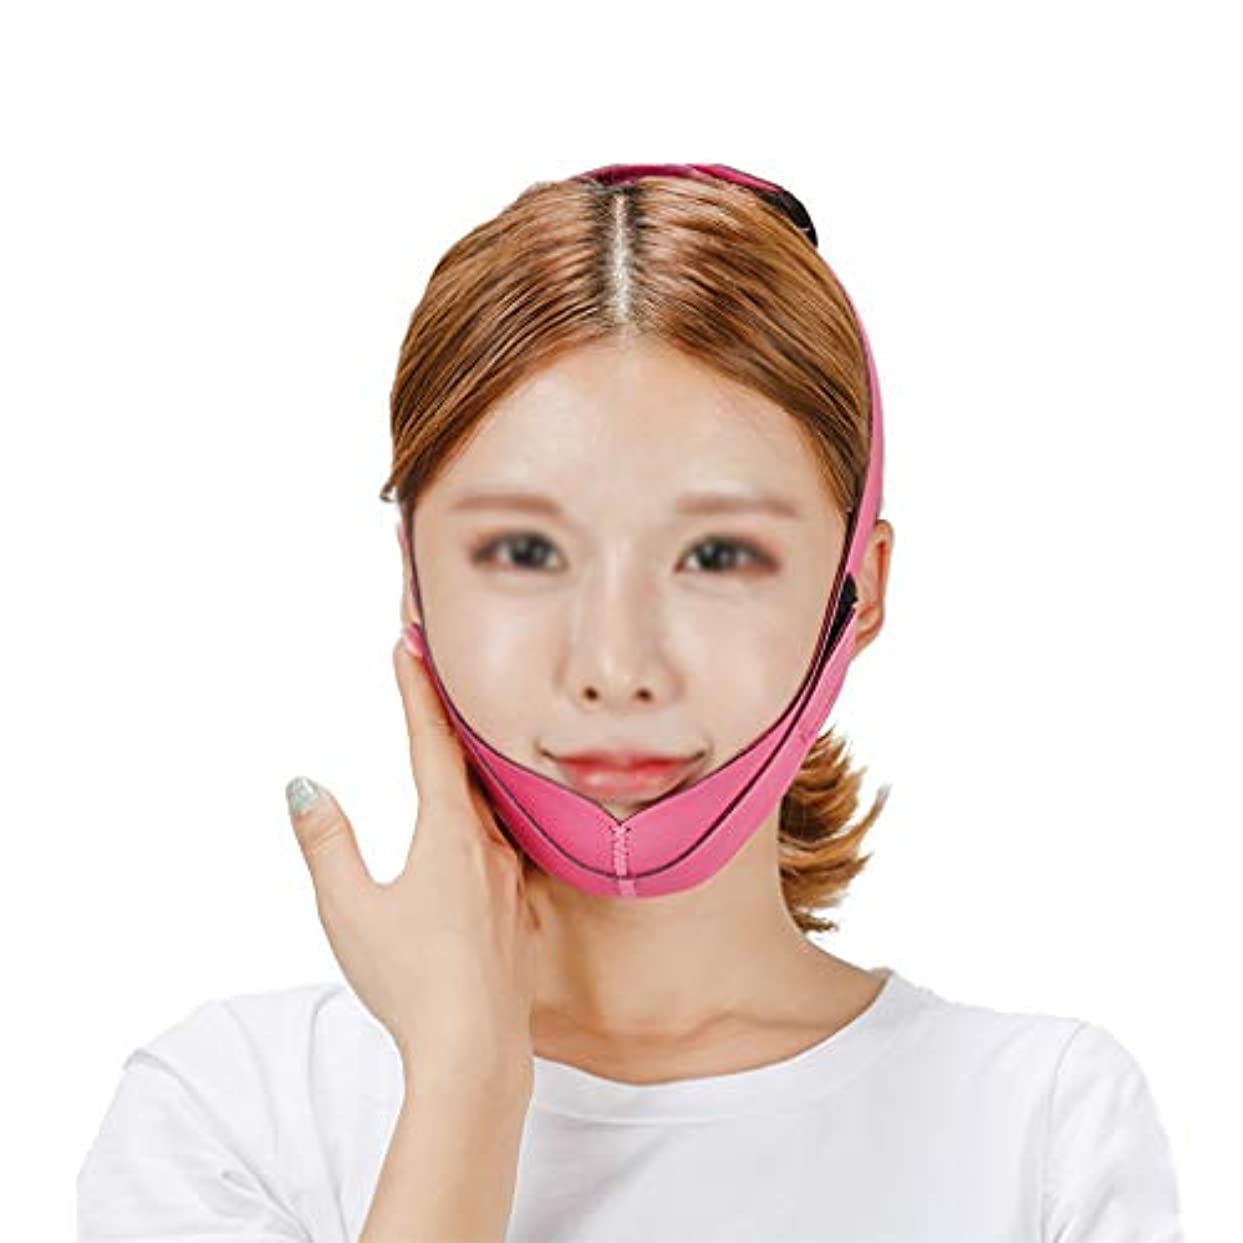 アストロラーベ前提条件父方のXHLMRMJ 超薄Vフェイスライン、フェイスリフティングマスク、Vフェイスリフティングとリフティングファーミングパターン、シェイピングフェイス、改善ダブルチン、ピンク、女性に適しています